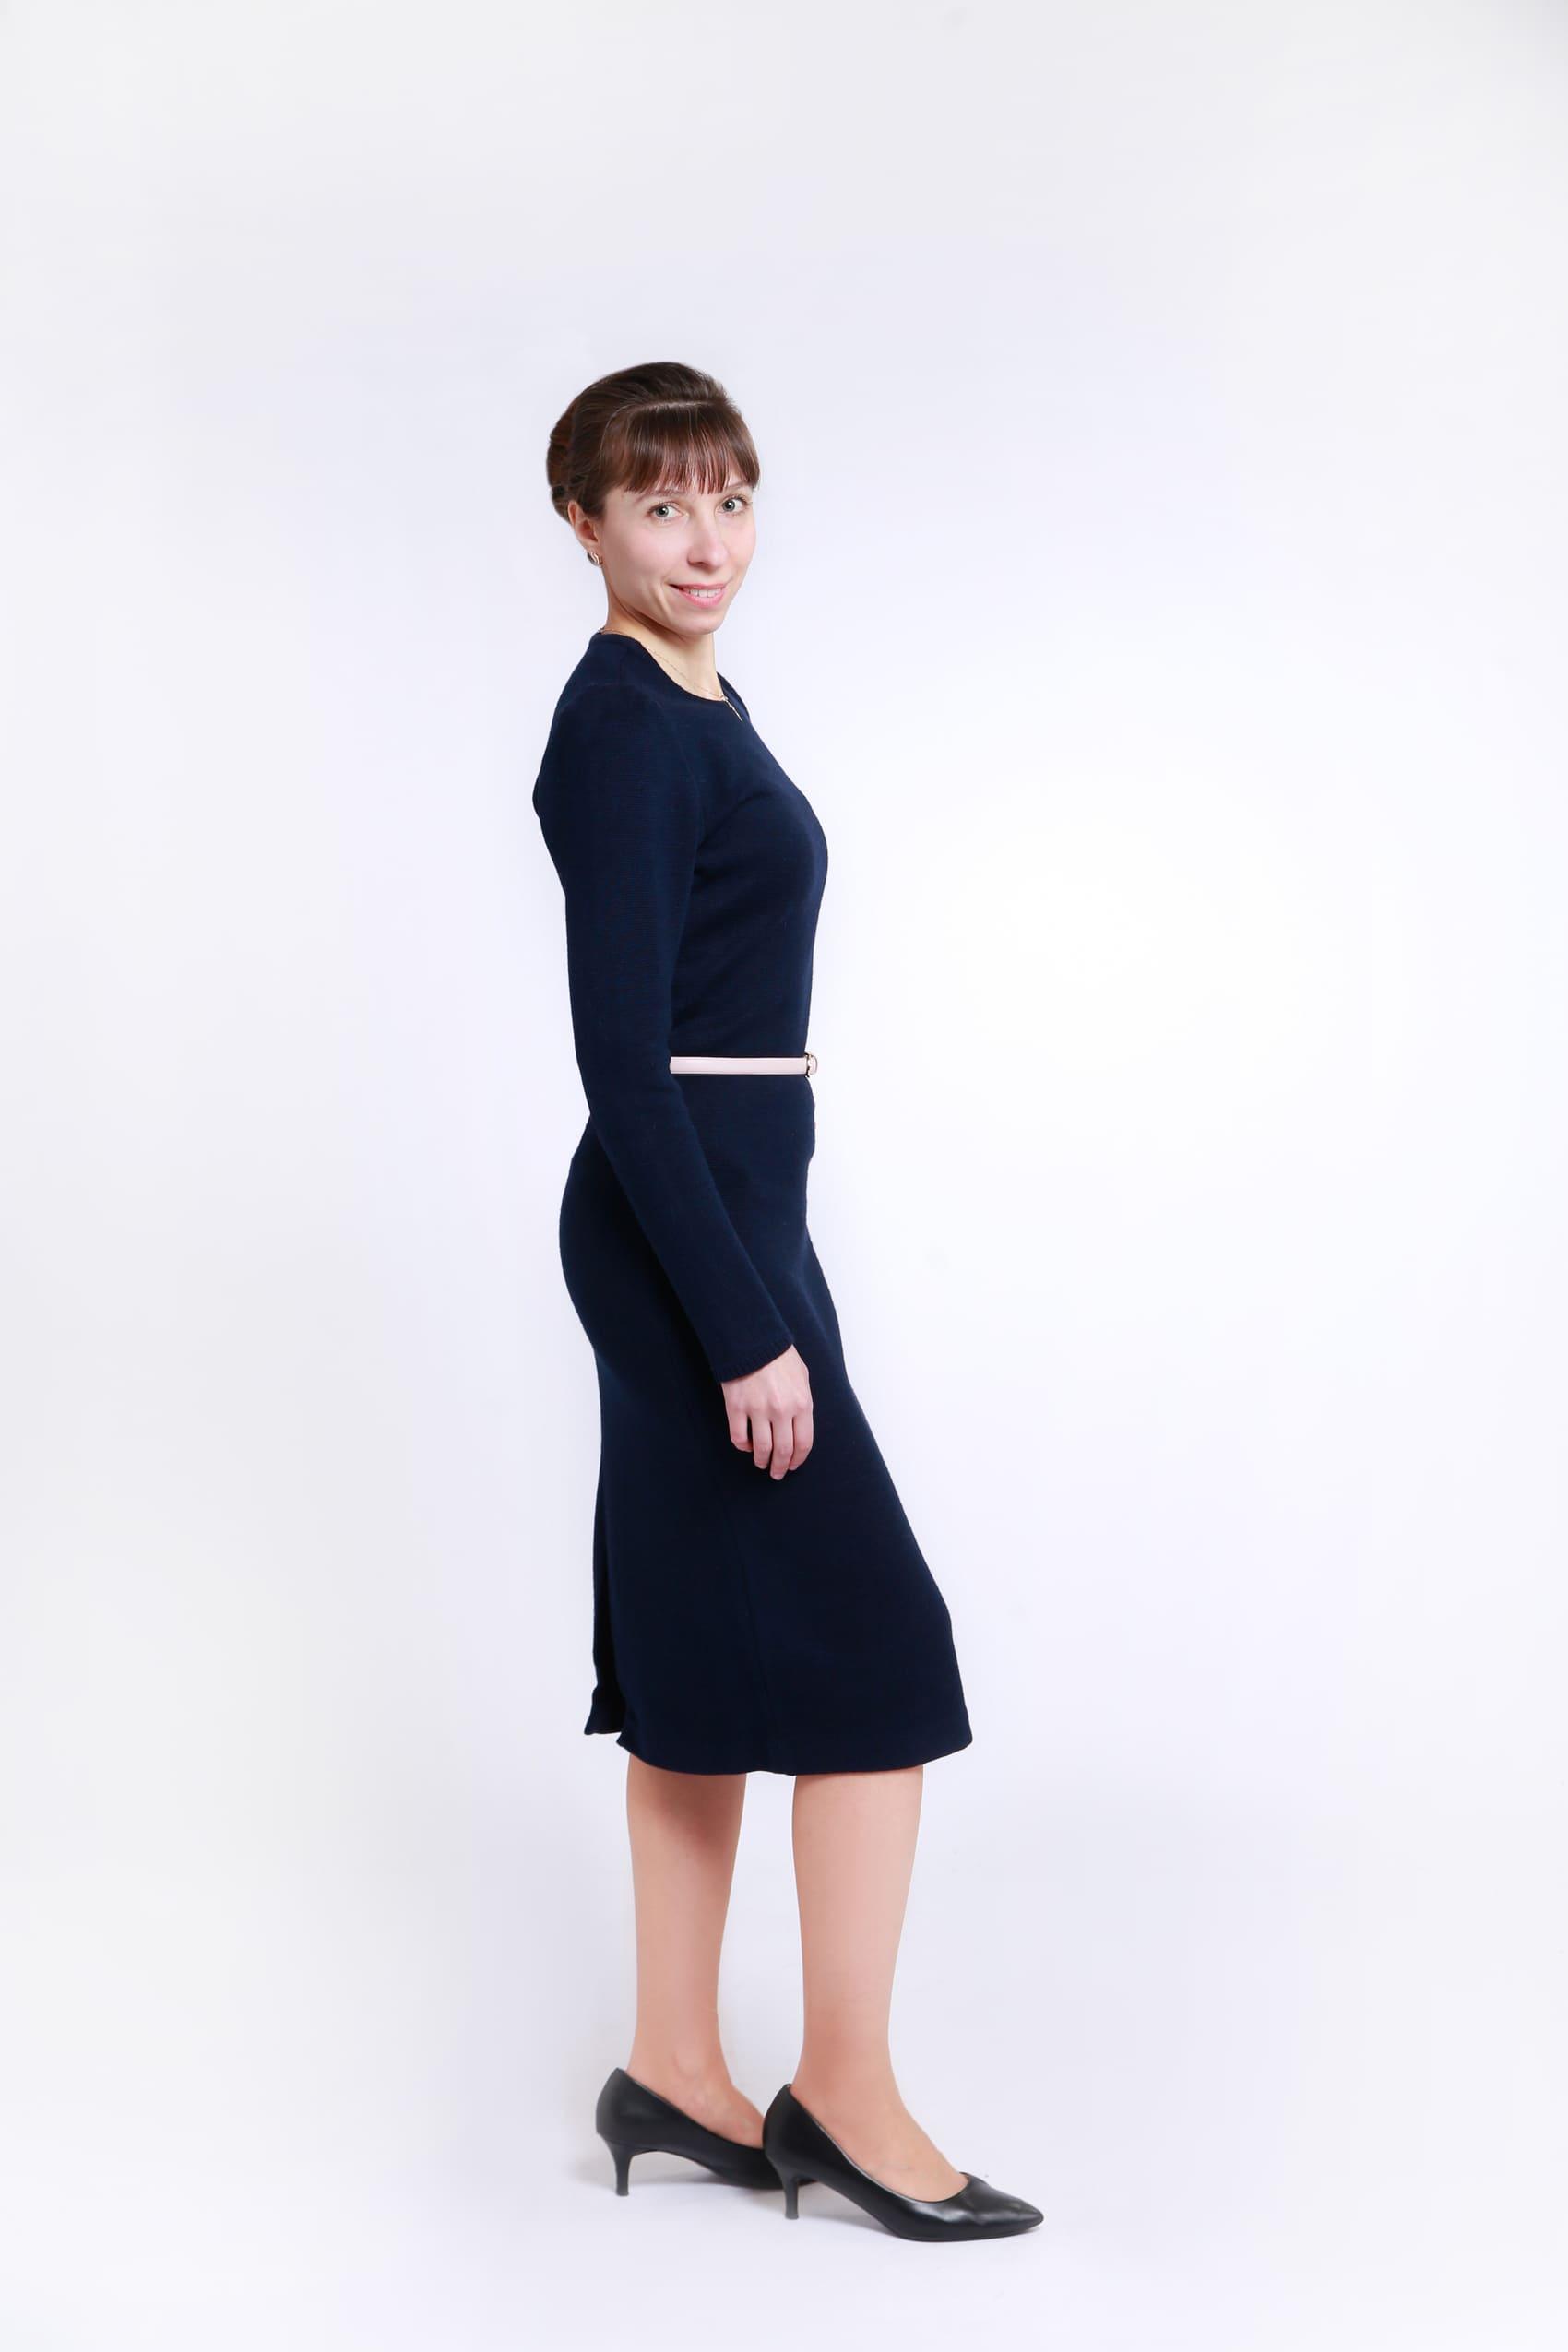 Трикотажное платье «Классика» для учителя